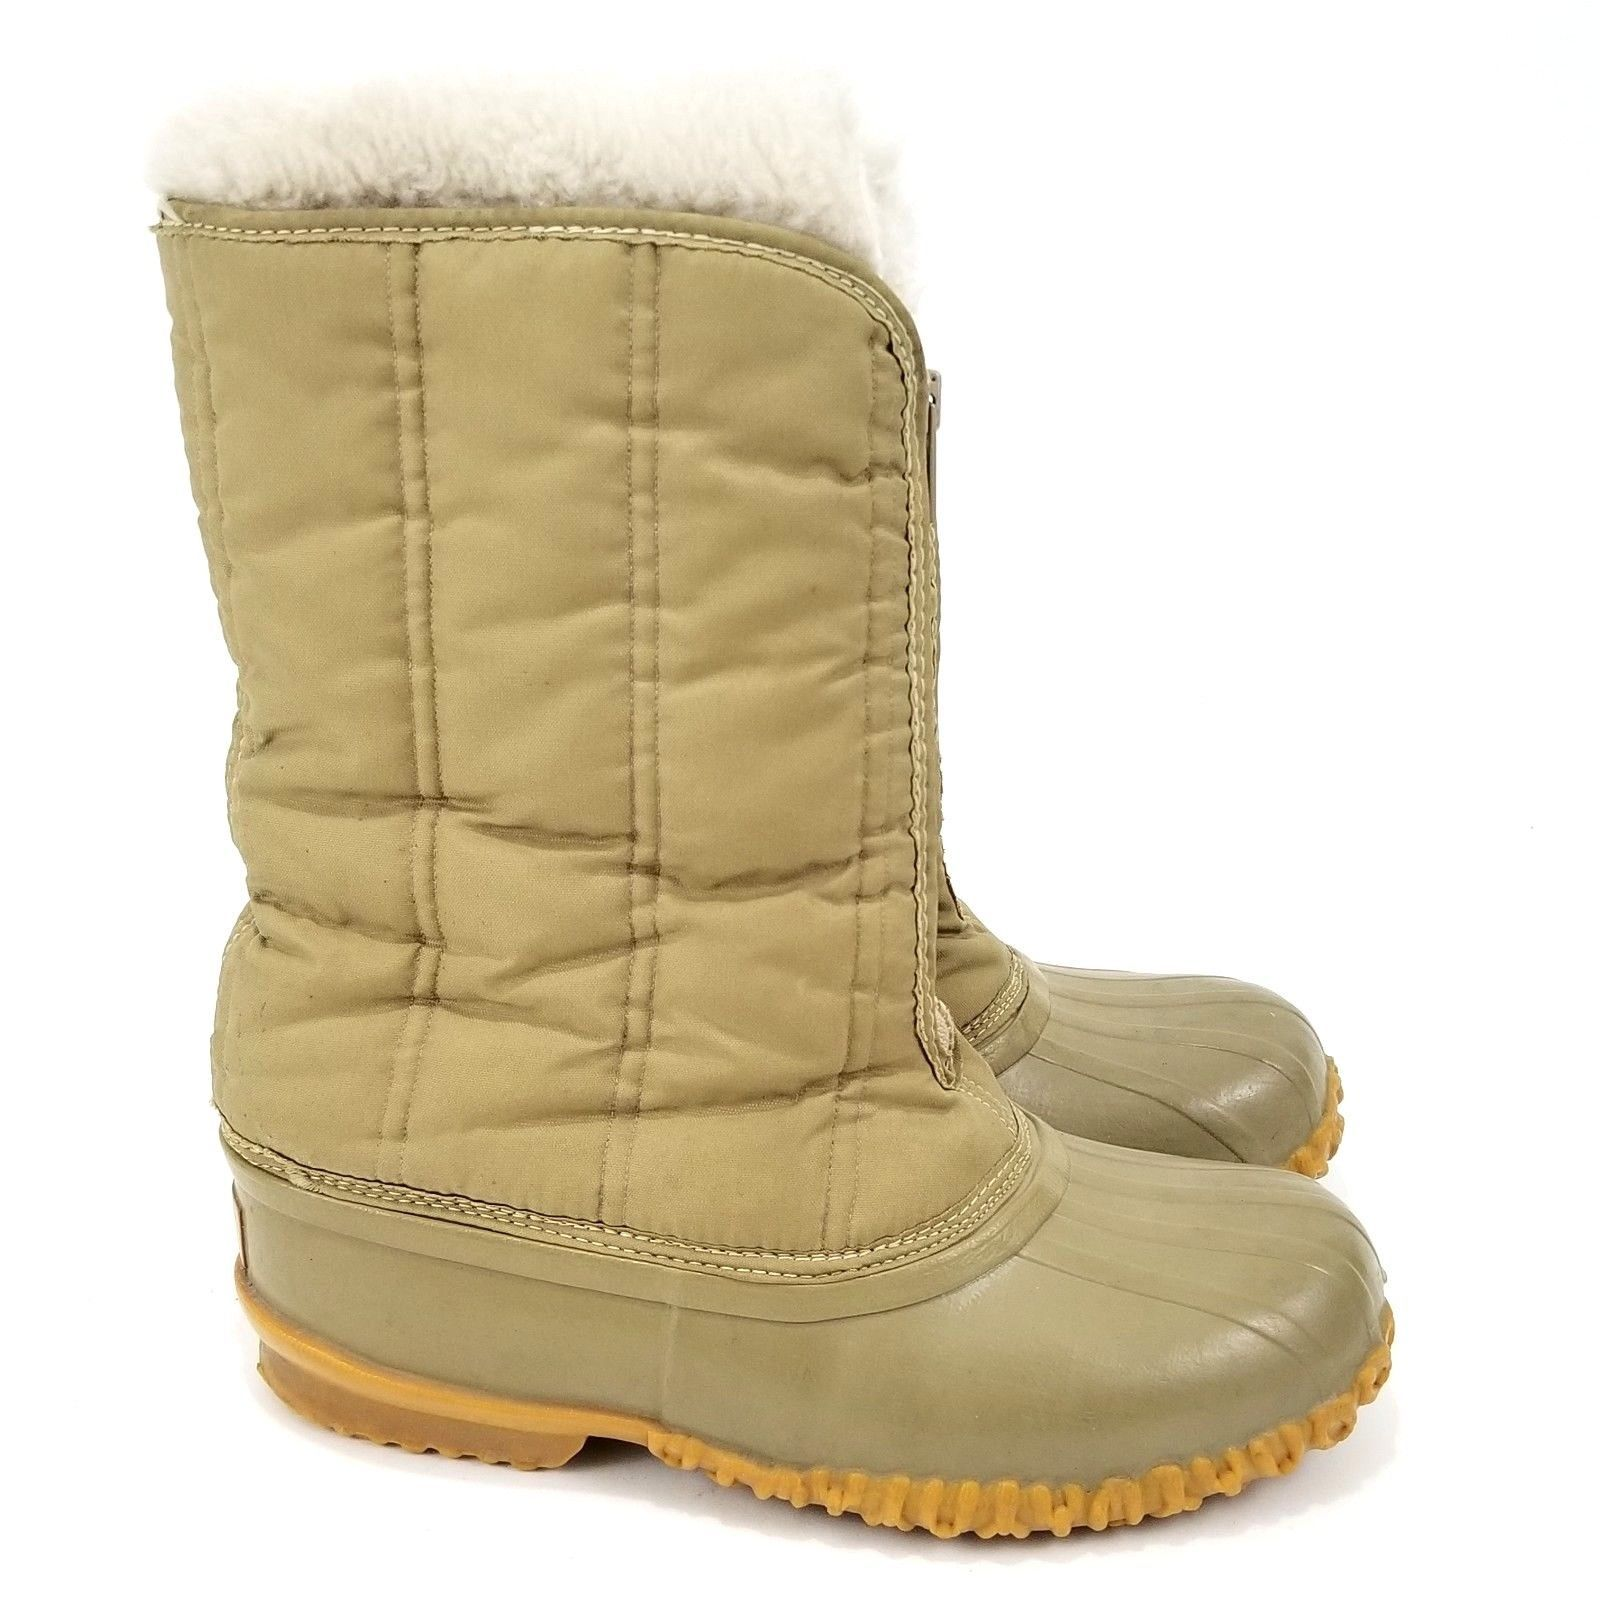 1f904c7b877 Sorel Snow Boot: 39 listings